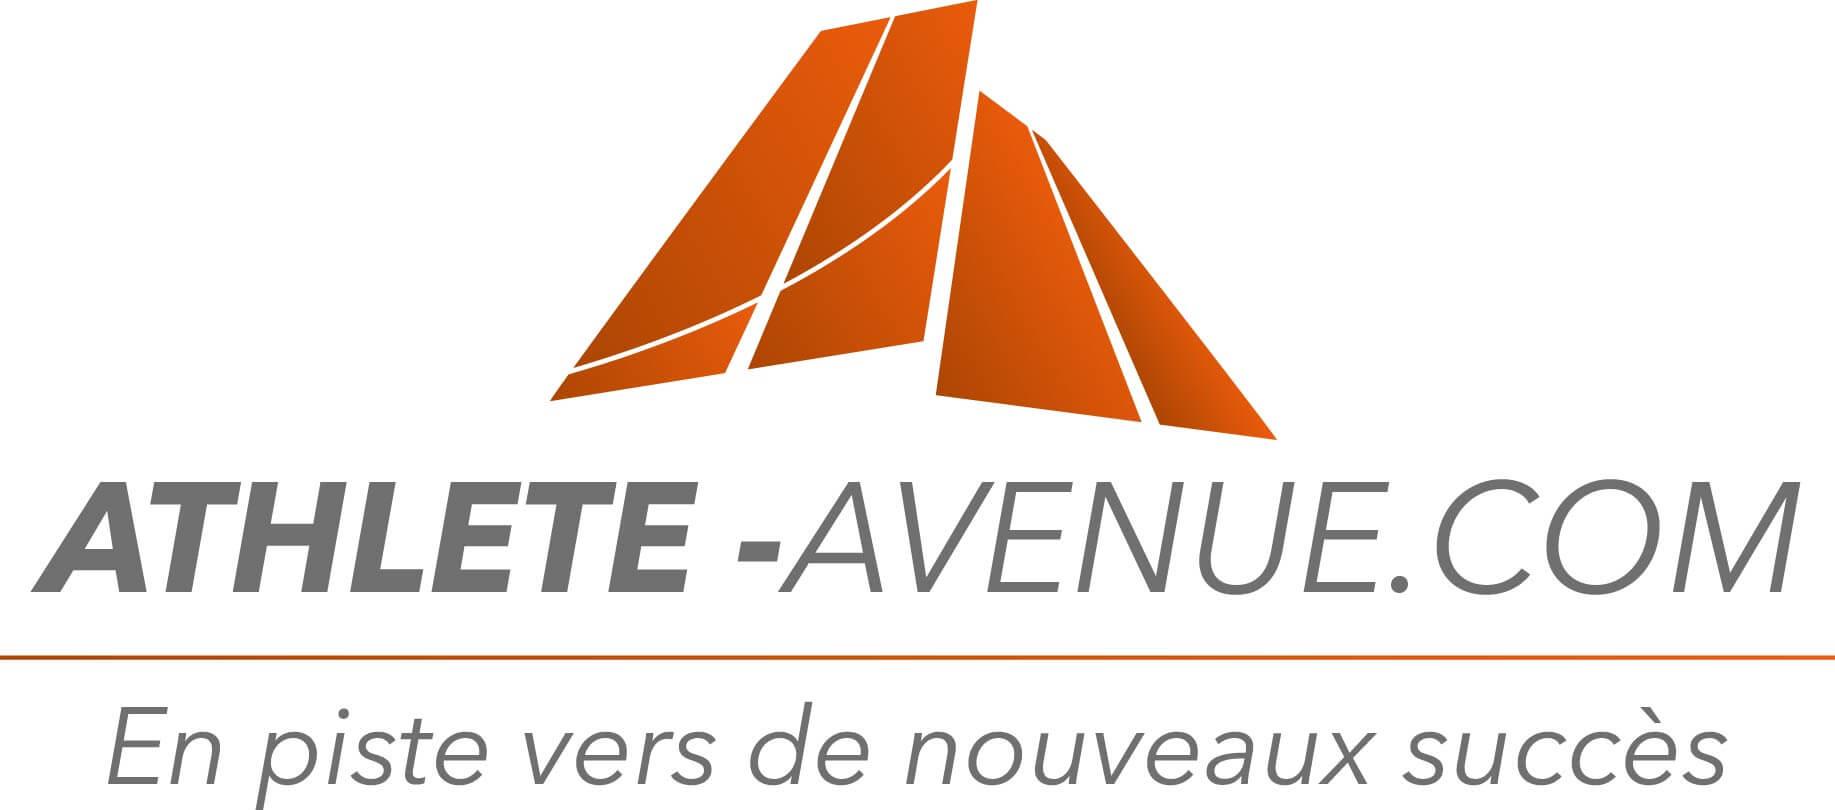 Athlete-Avenue.com aide les sportifs dans leur reconversion